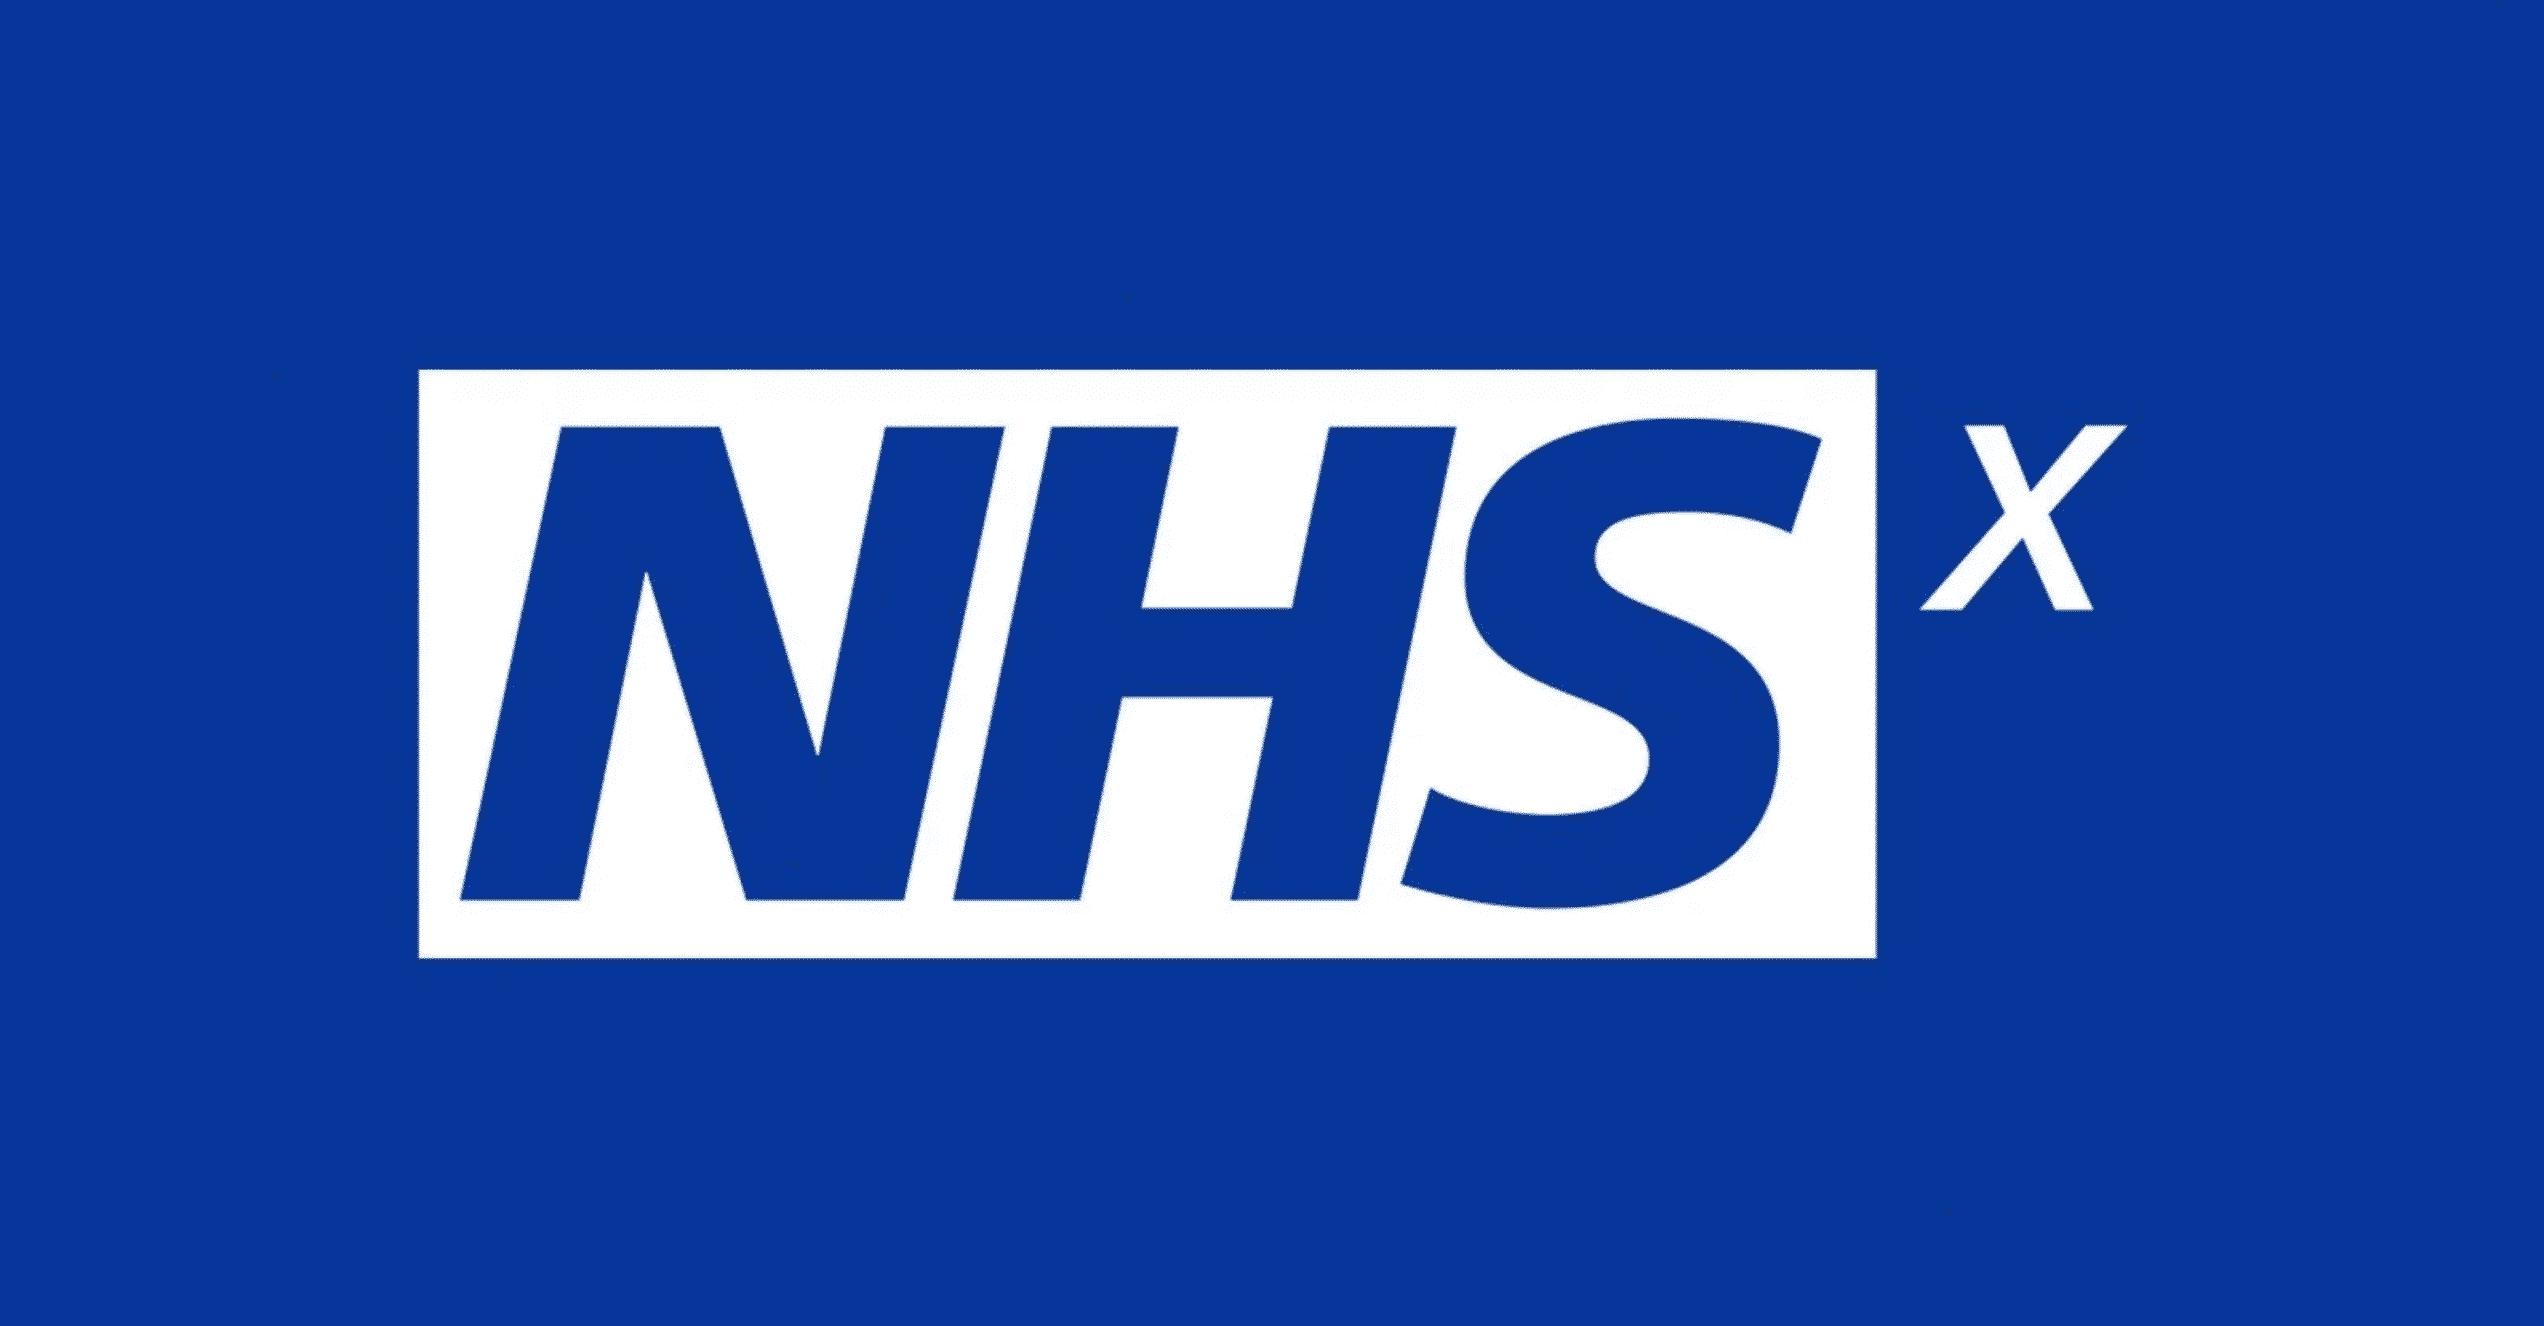 UK's NHS